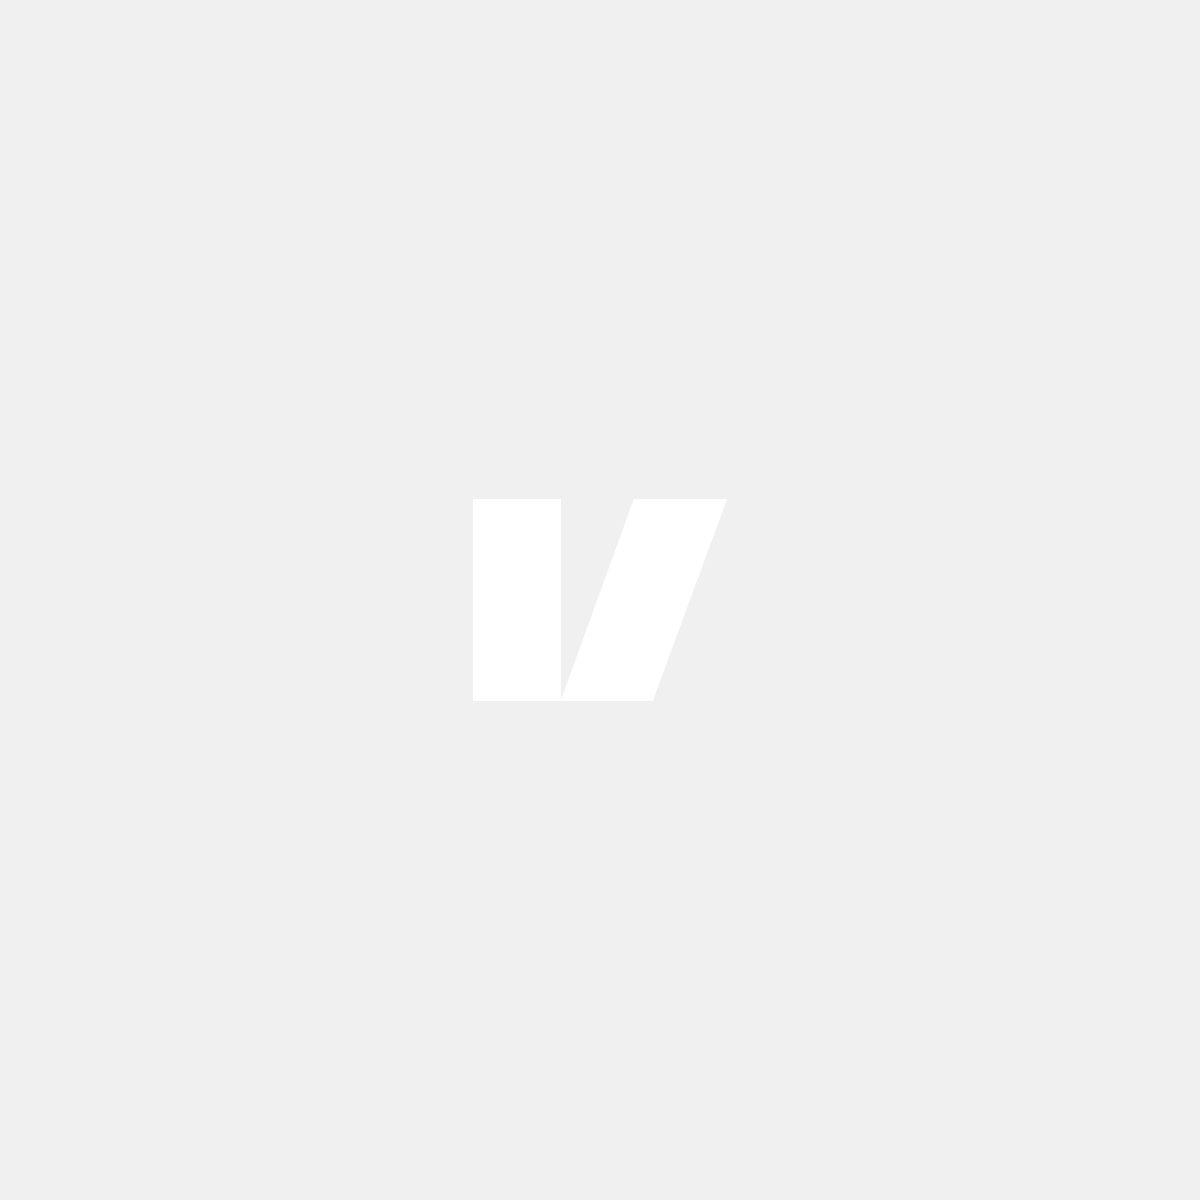 Funktionsadderare för Volvo S60, S80, V70, XC70, XC90, 05-